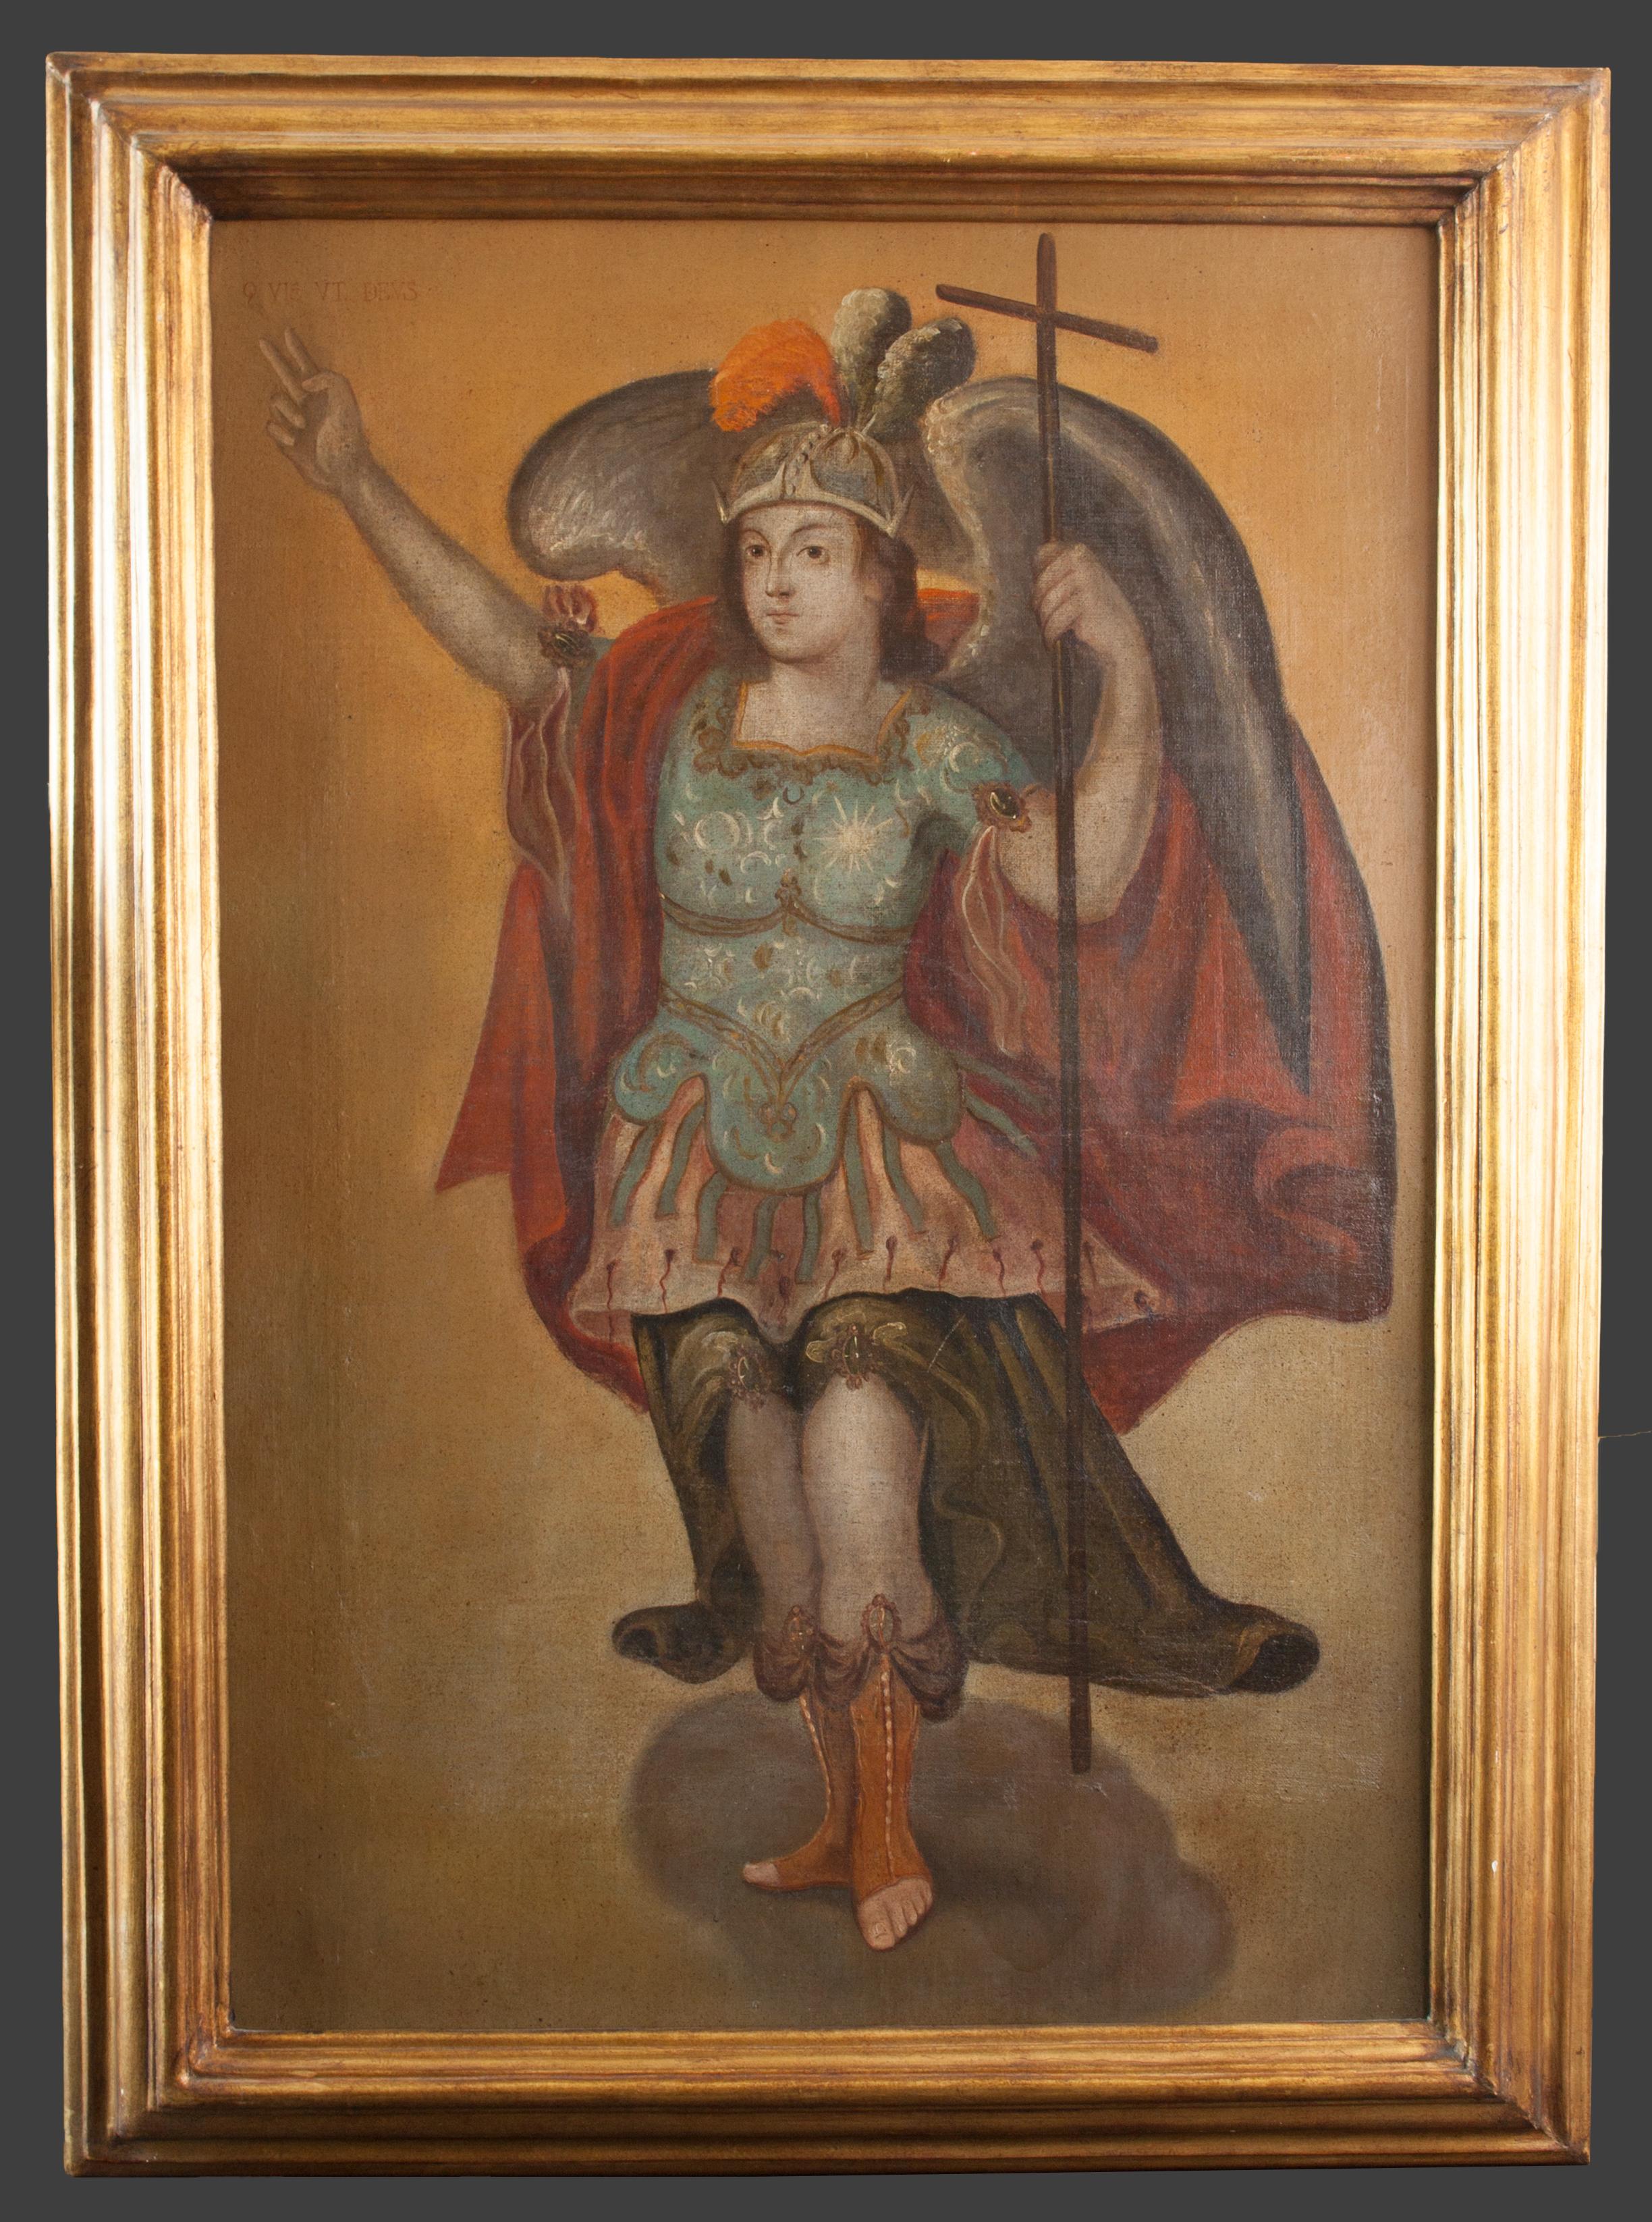 Oscar Méndez Conde Art Collection - Pintura del Arcangel San Miguel